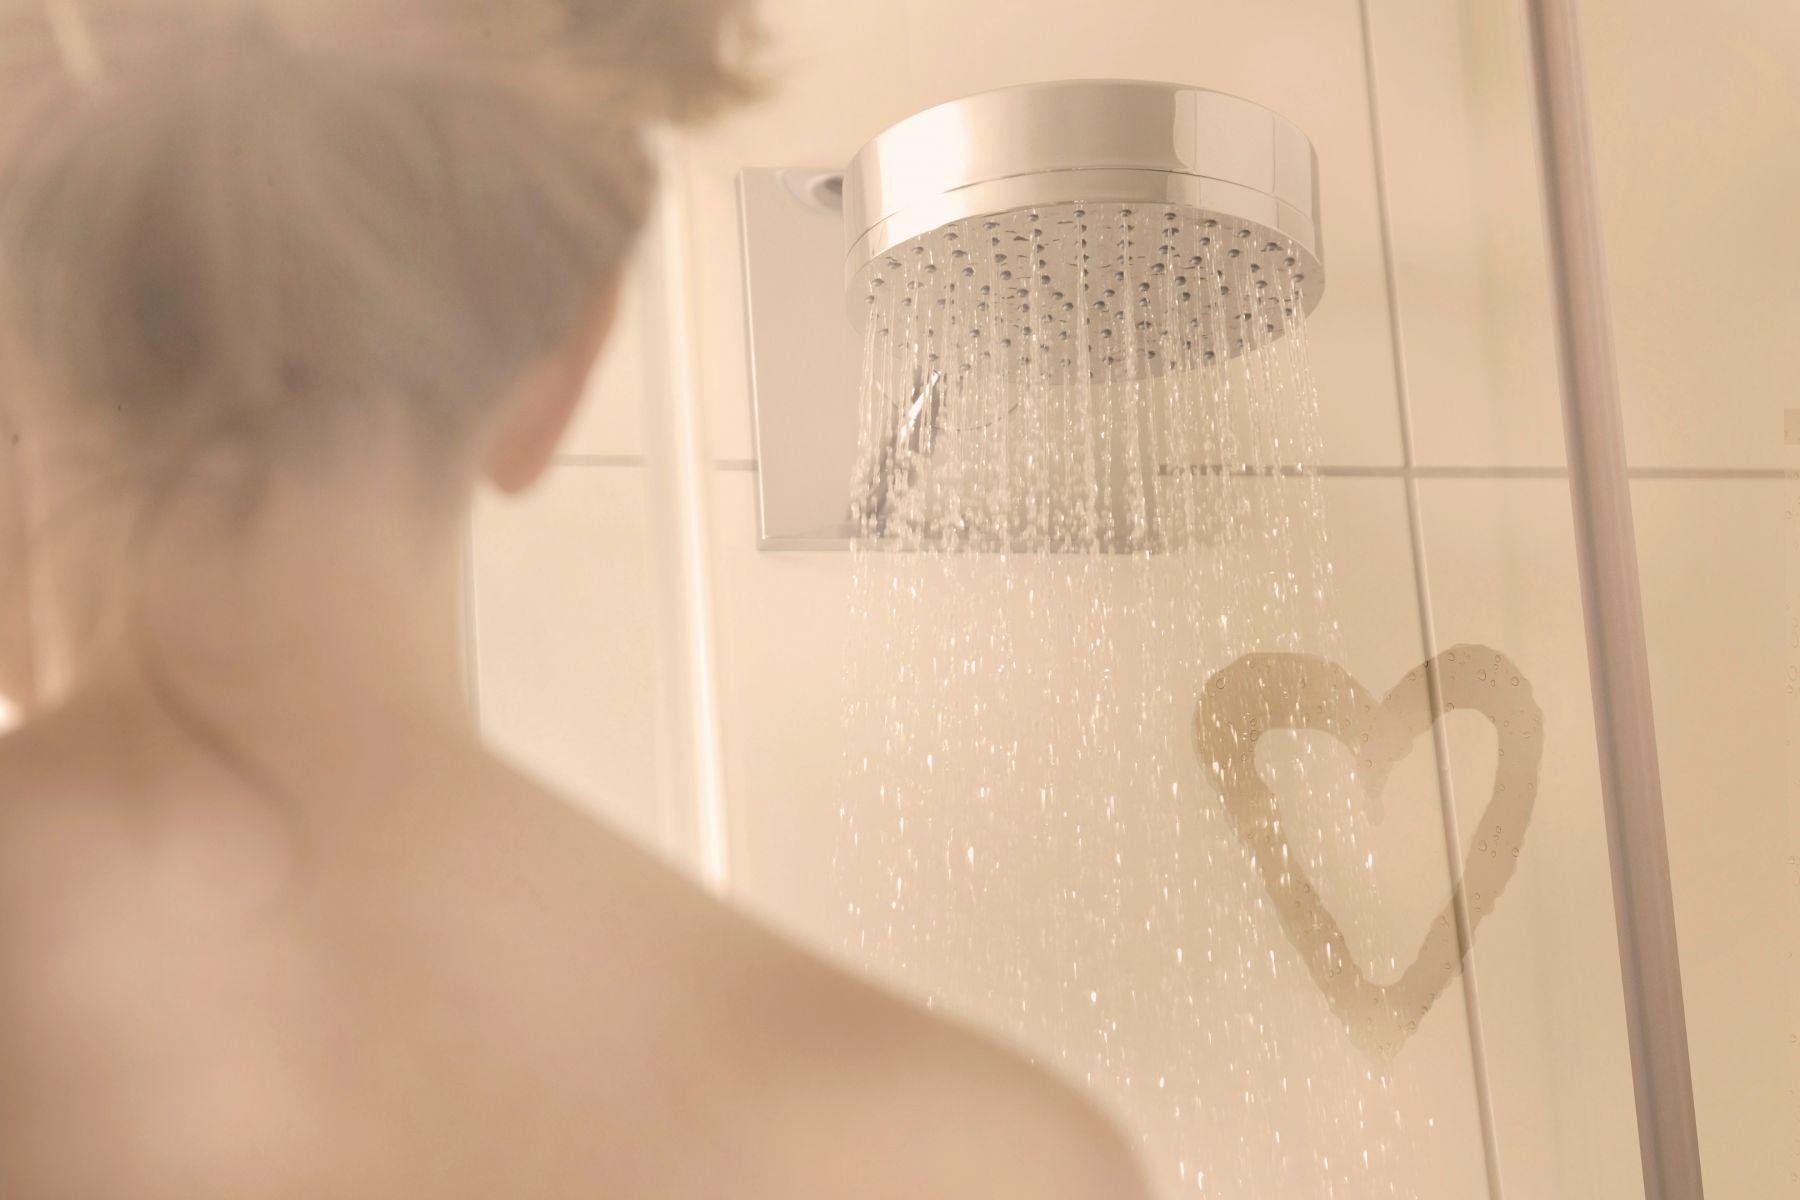 一氧化碳中毒/洗個澡竟罹失智症?不想大腦退化、中毒往生...身體出現這3警訊,馬上停止洗澡!